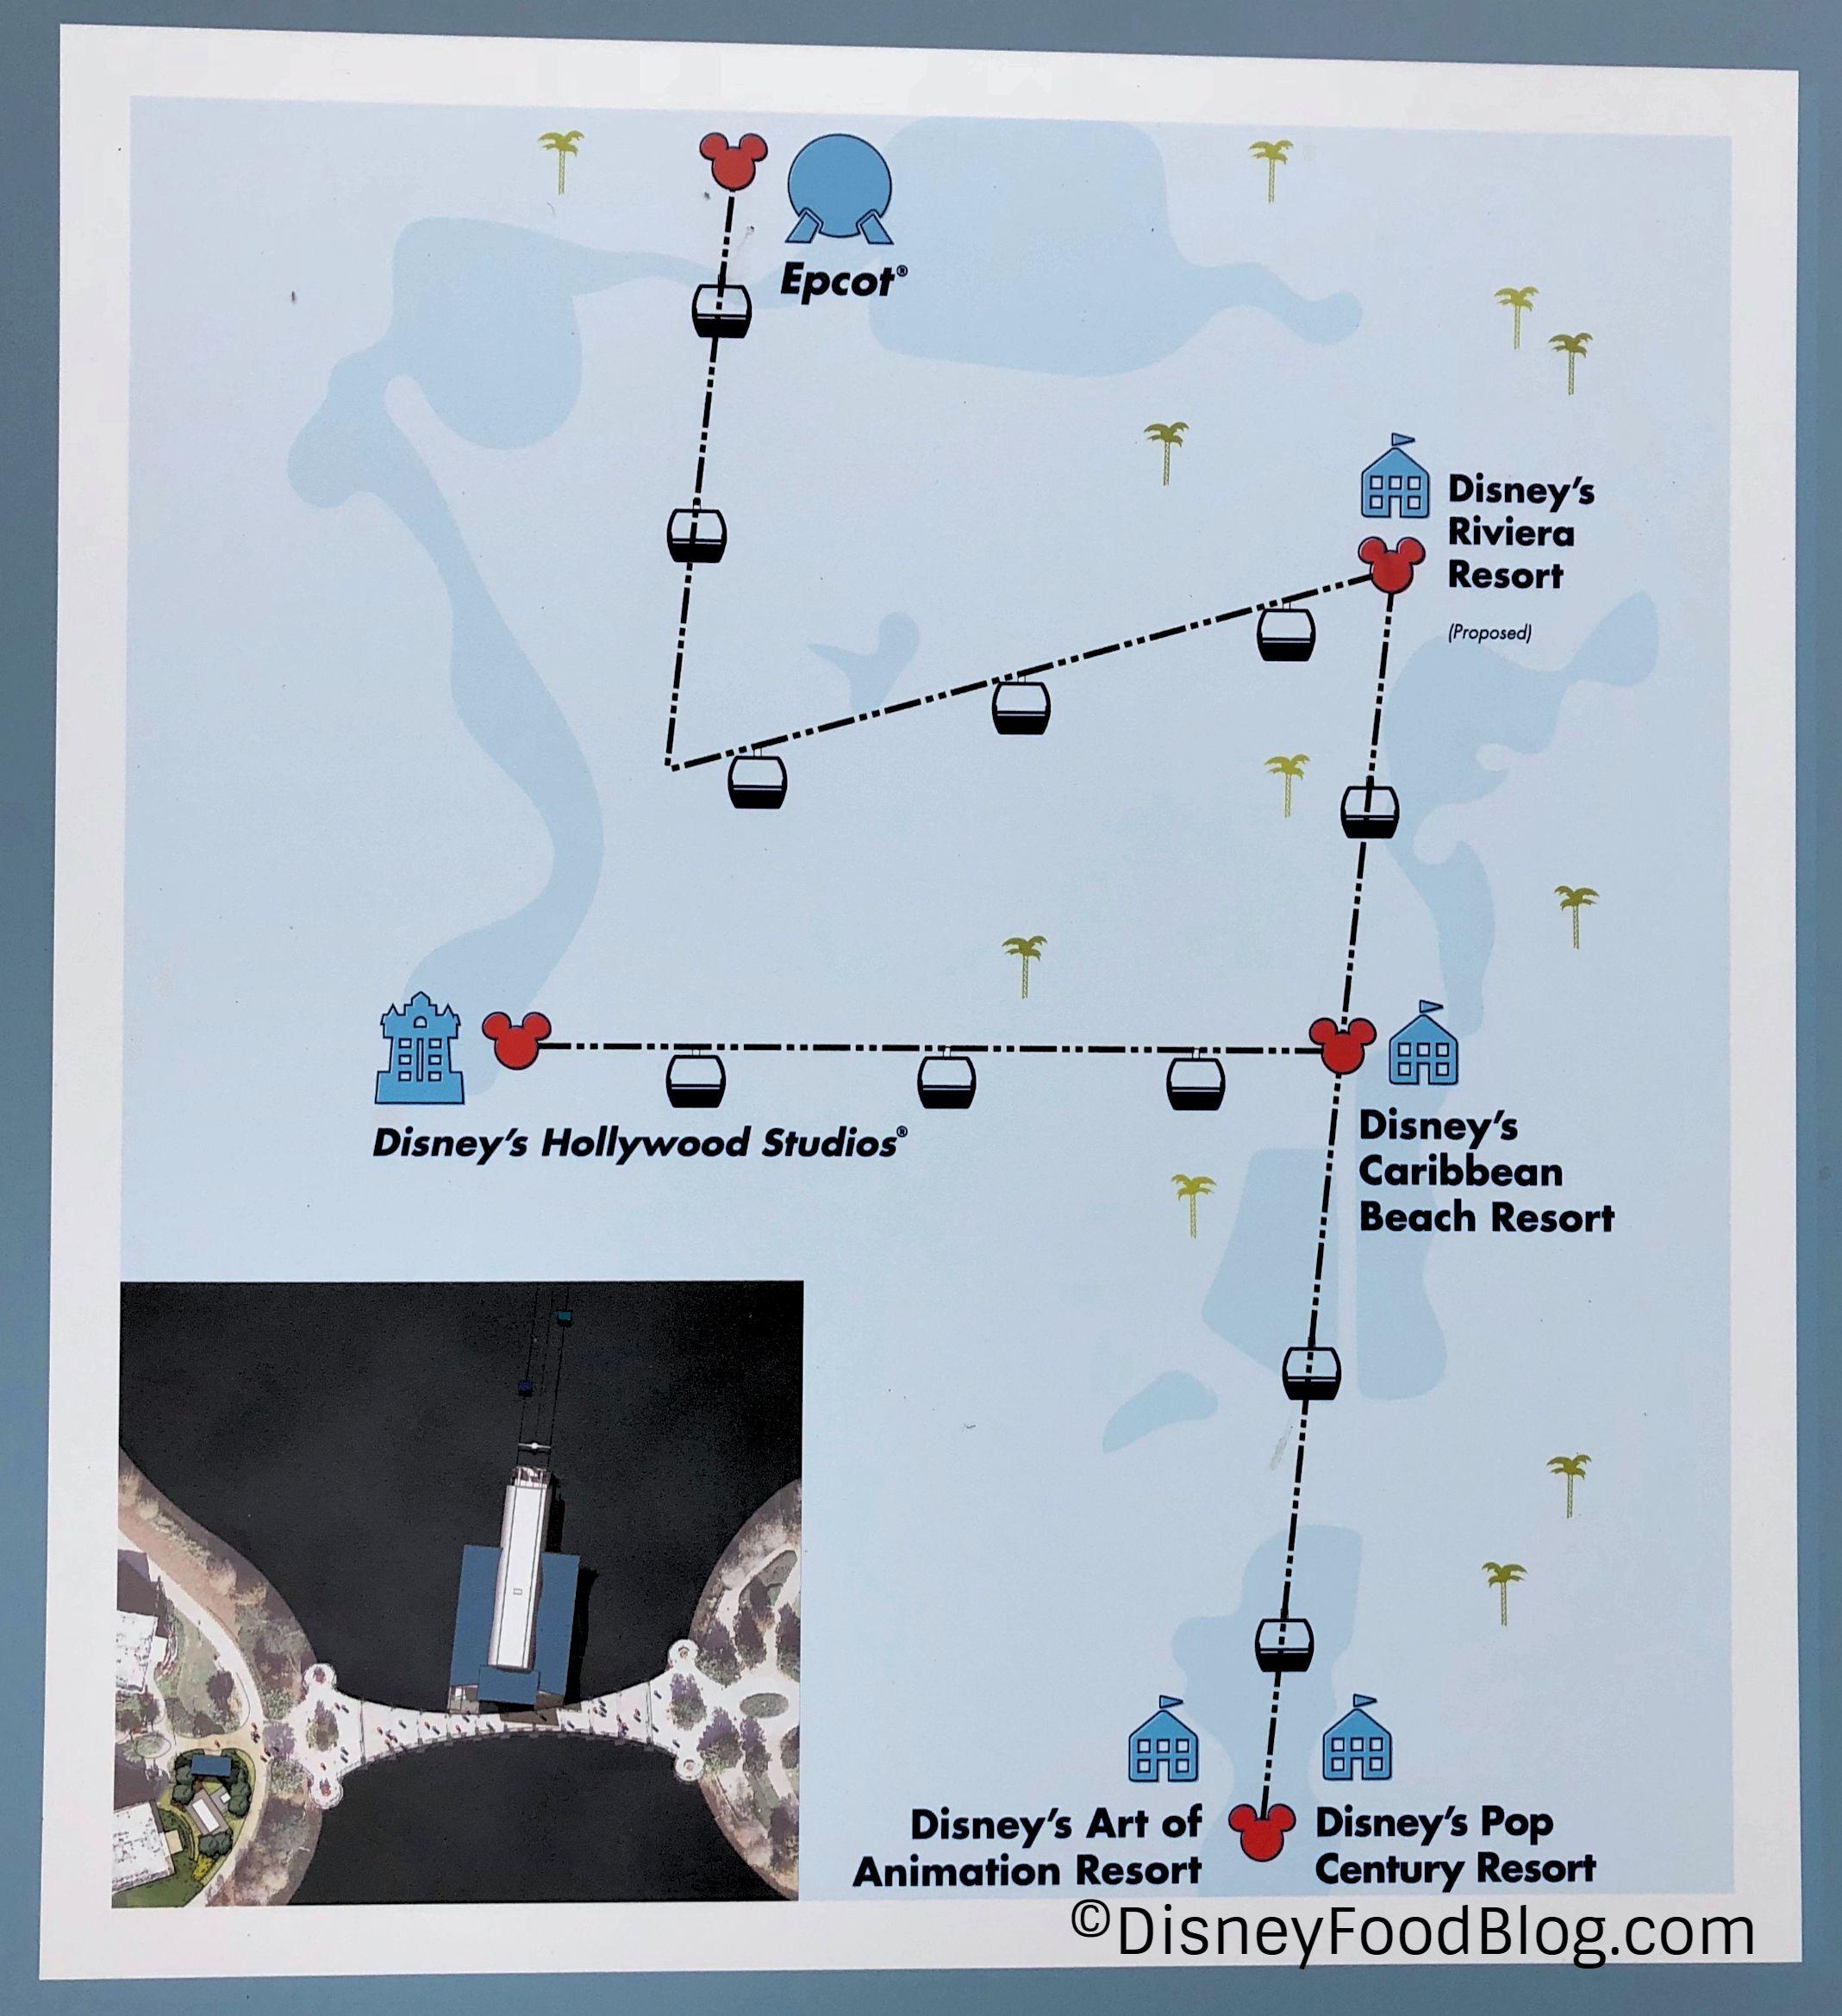 walt disney world marathon weekend 2019 registration